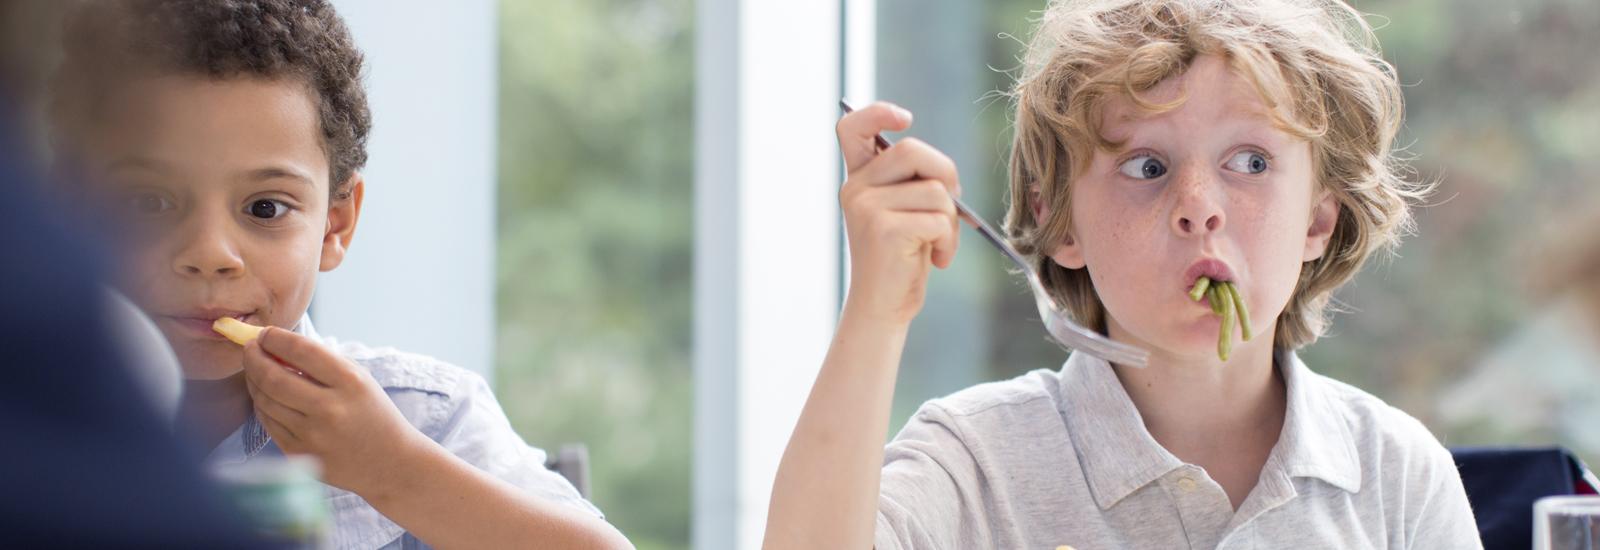 Serunion Educa, os primeiros pasos cara a un bo hábito | Serunion